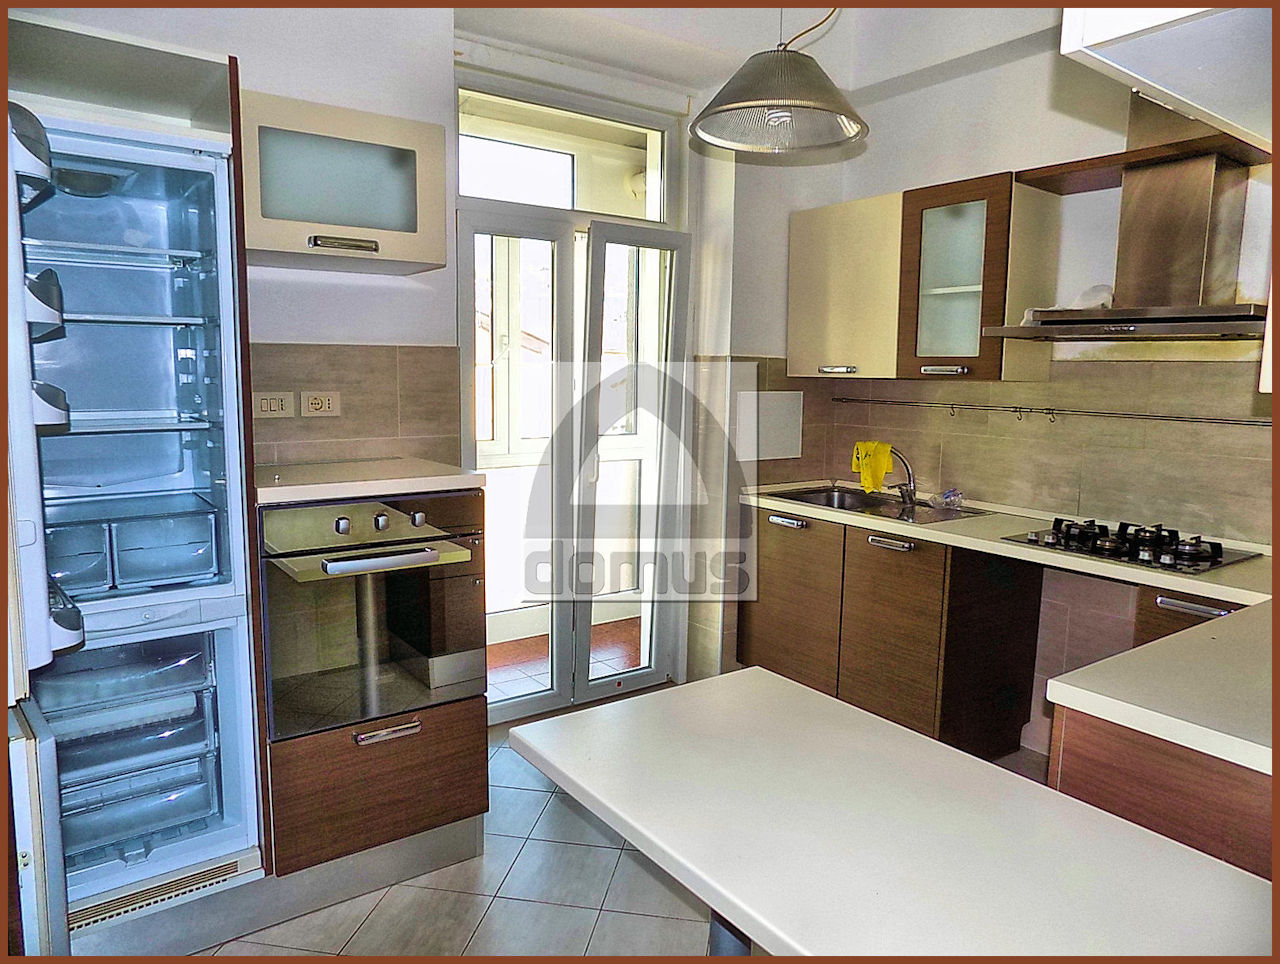 Appartamento in vendita a Trieste, 4 locali, prezzo € 70.000 | PortaleAgenzieImmobiliari.it